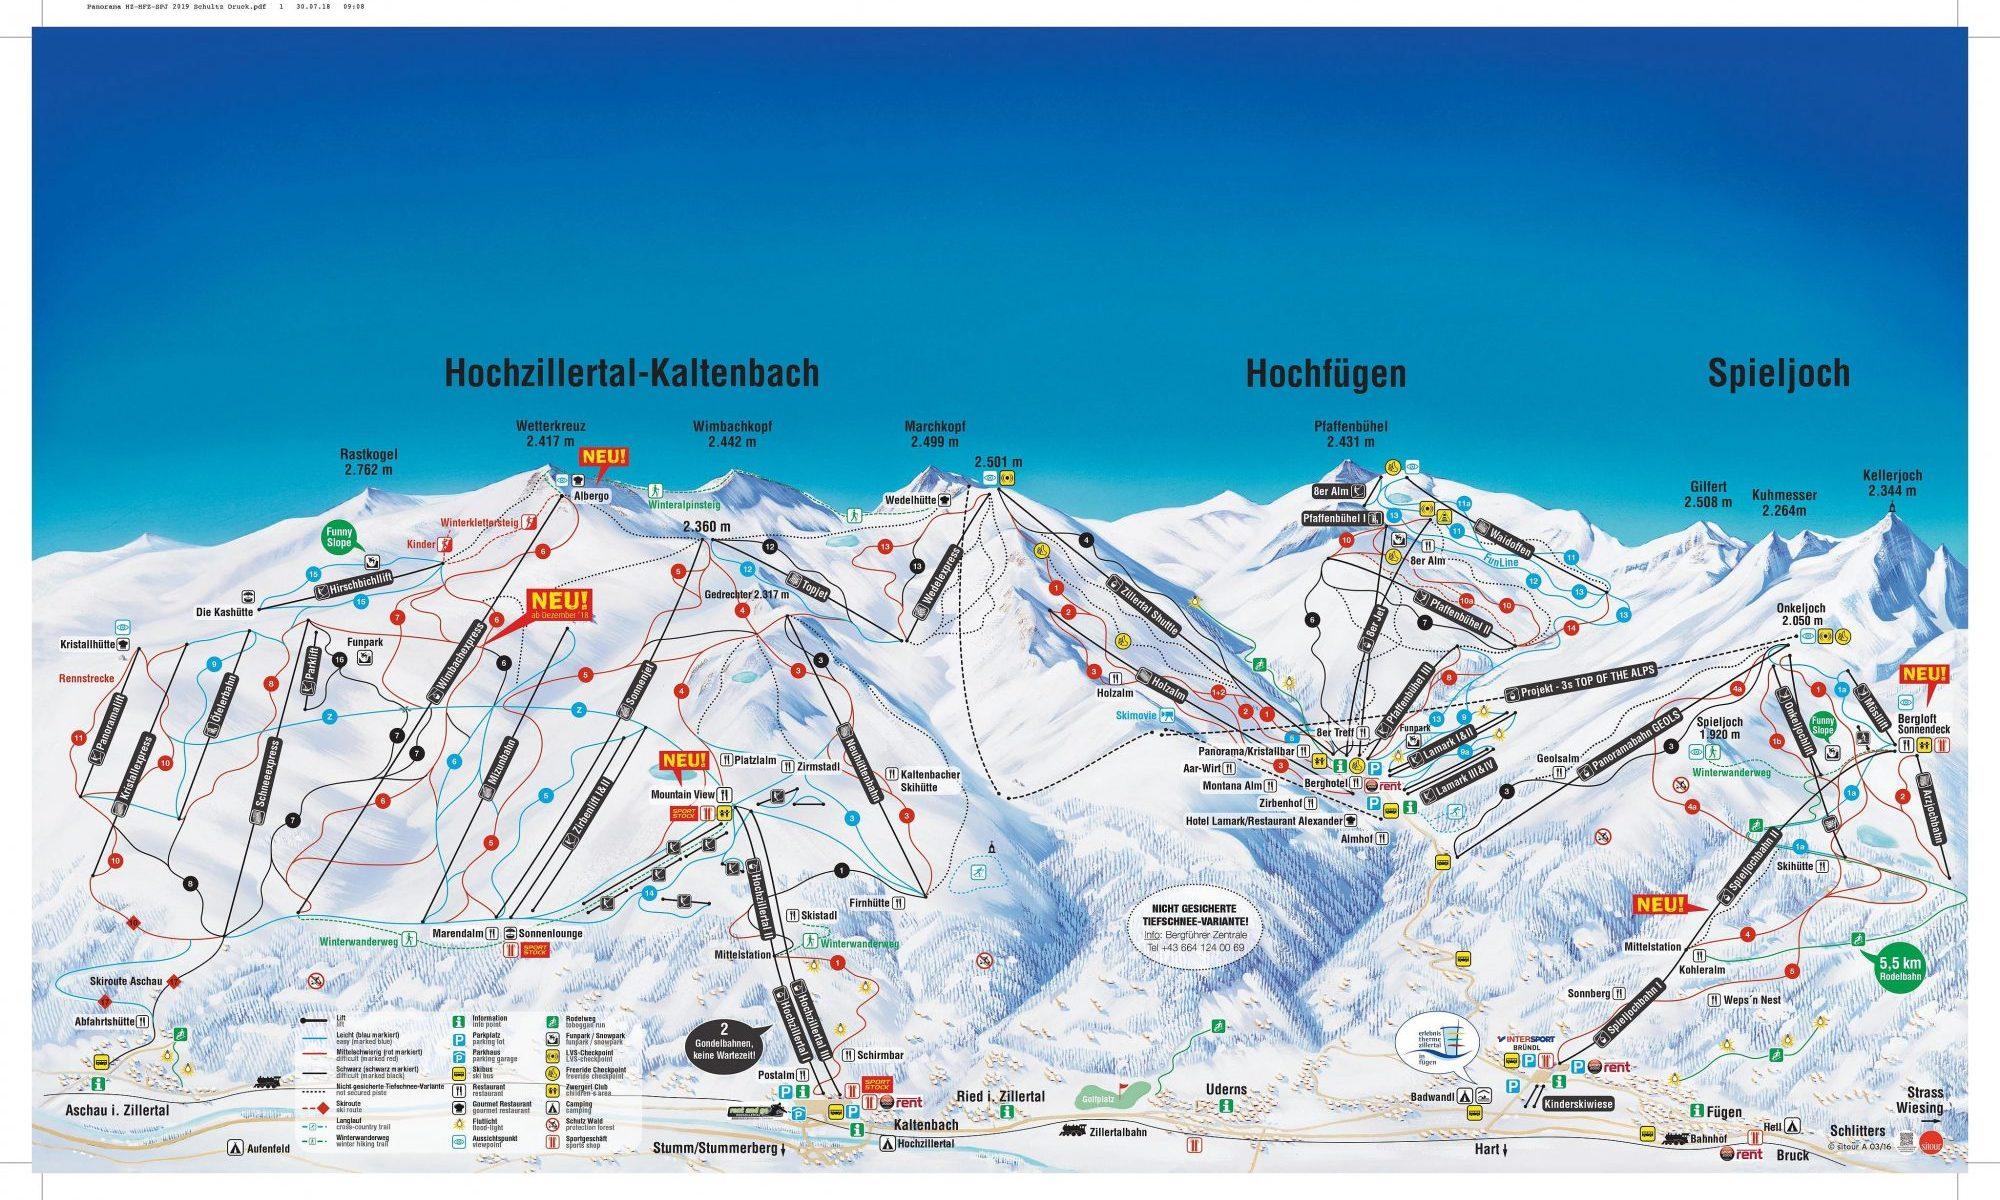 Hochzillertal ski map. A Gondola Accident happened in Hochzillertal today.